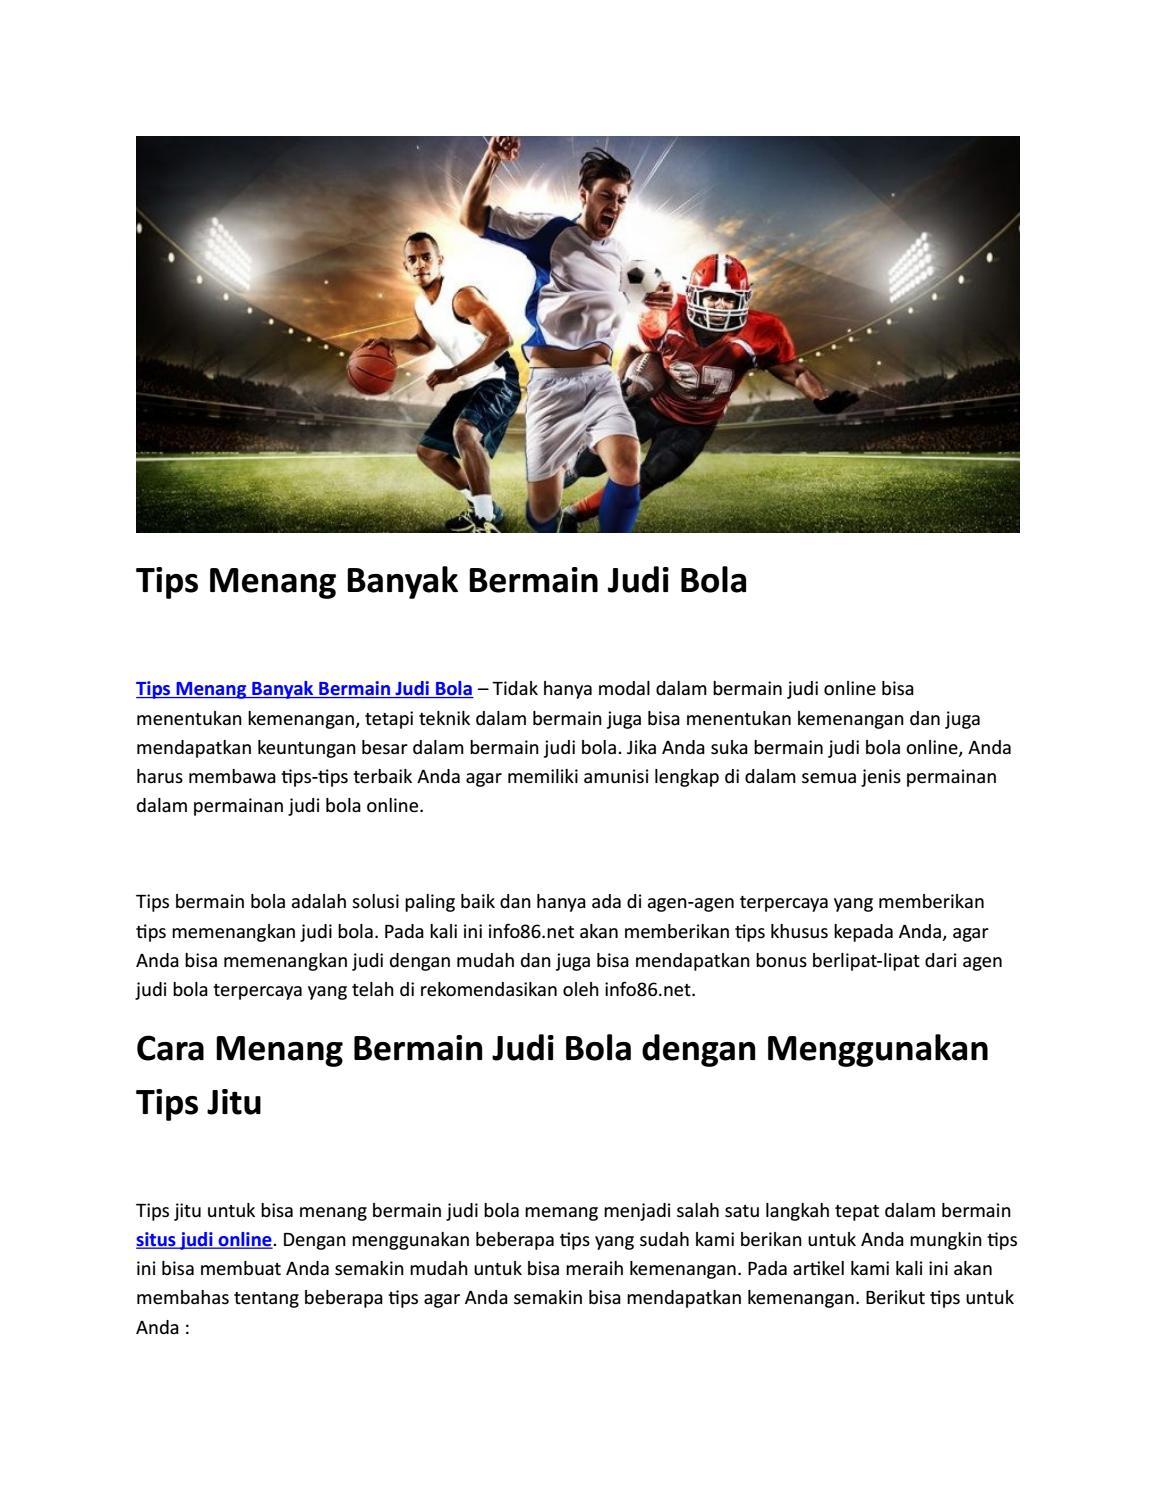 Tips Menang Banyak Bermain Judi Bola By Informasi Judi Online Situs Judi Online Issuu